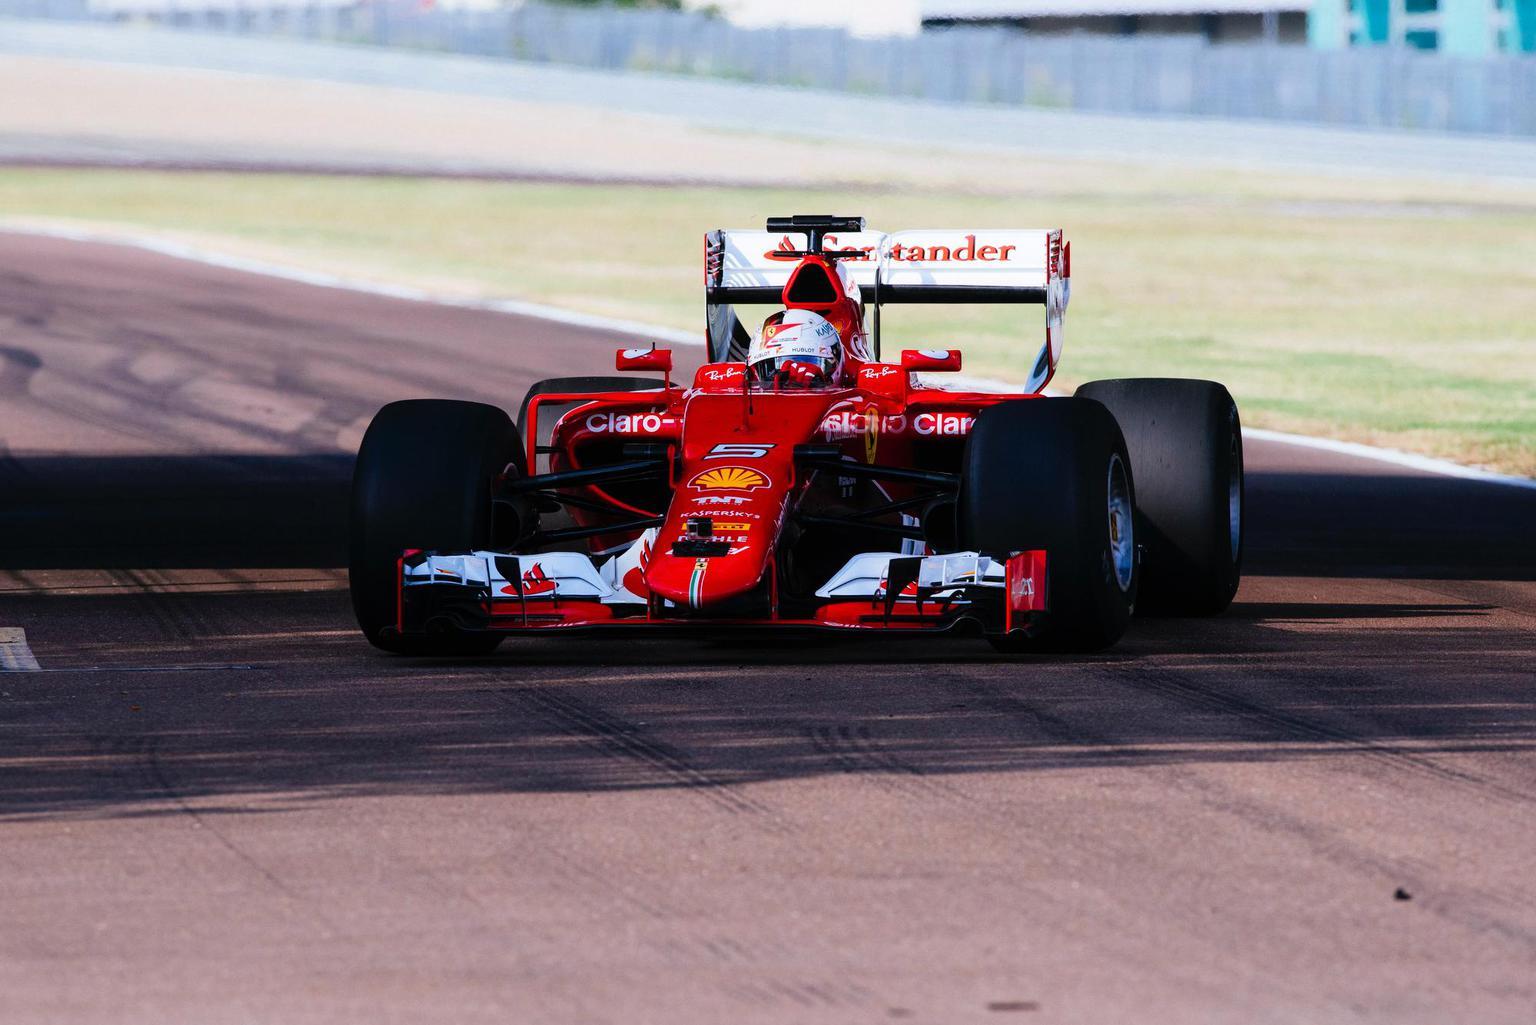 Az széles Pirelli-gumik a Ferrarin (Fotó: Pirelli)